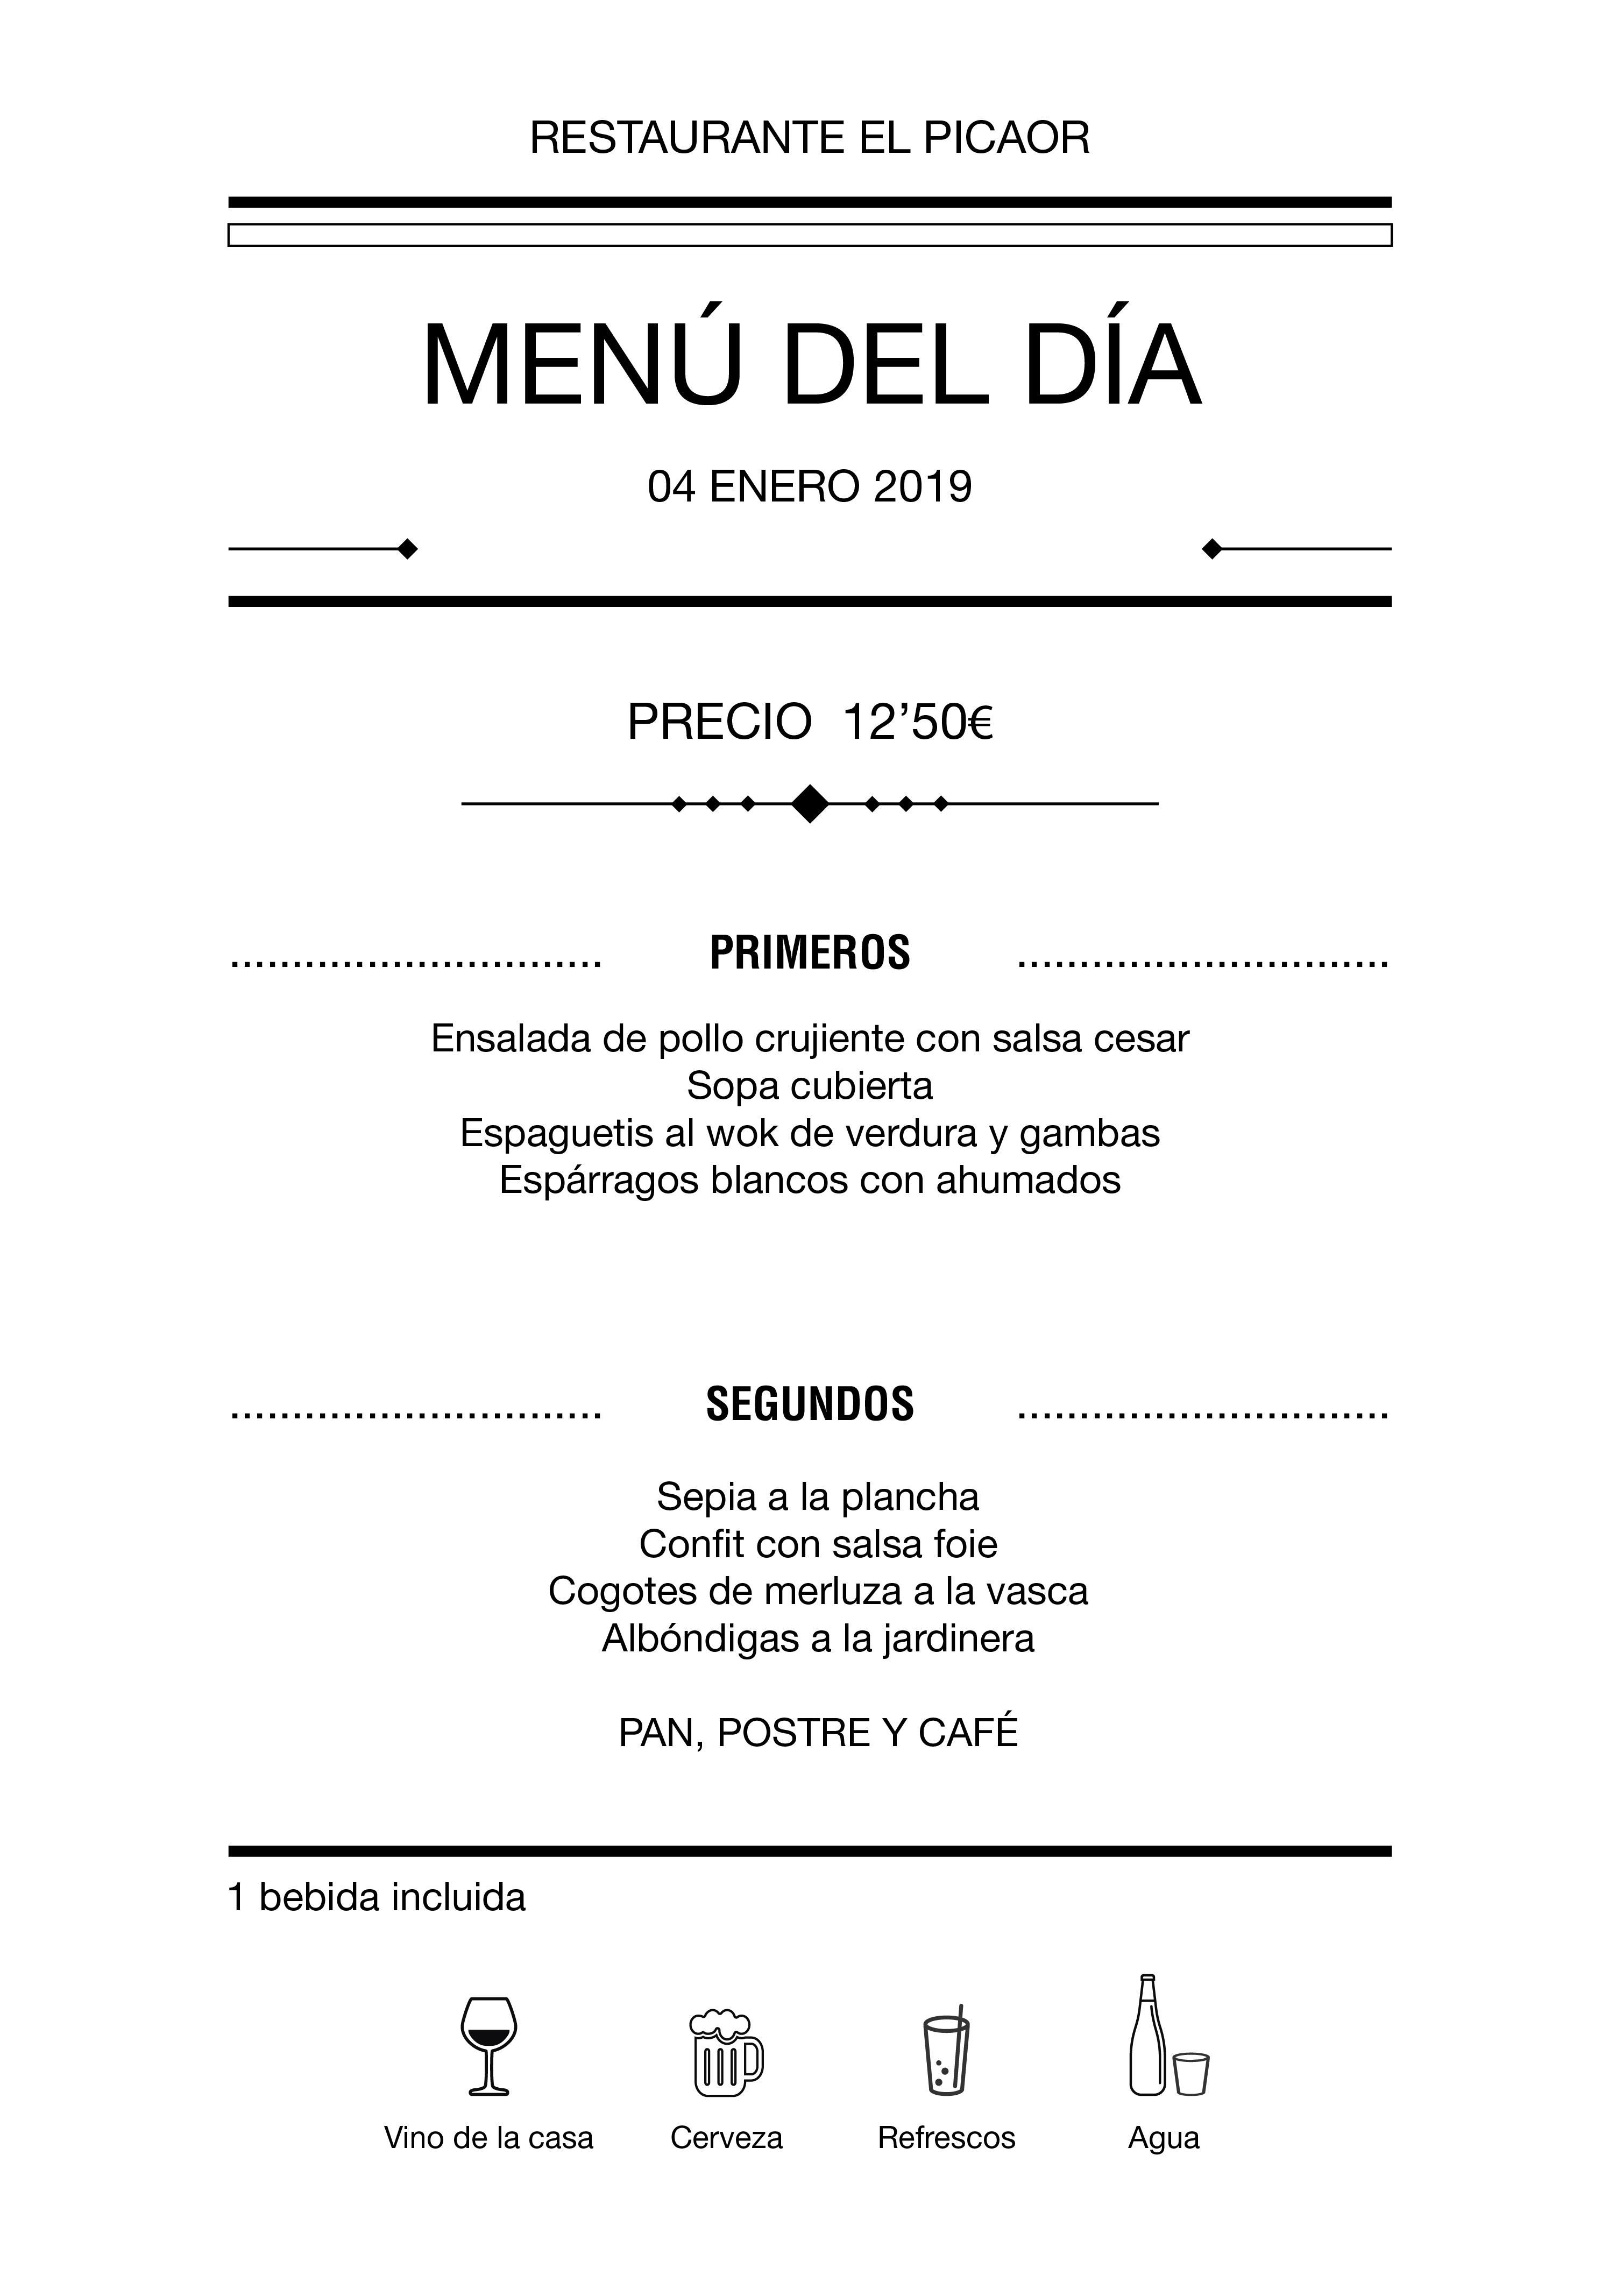 Menú diario El Picaor 04/01/19